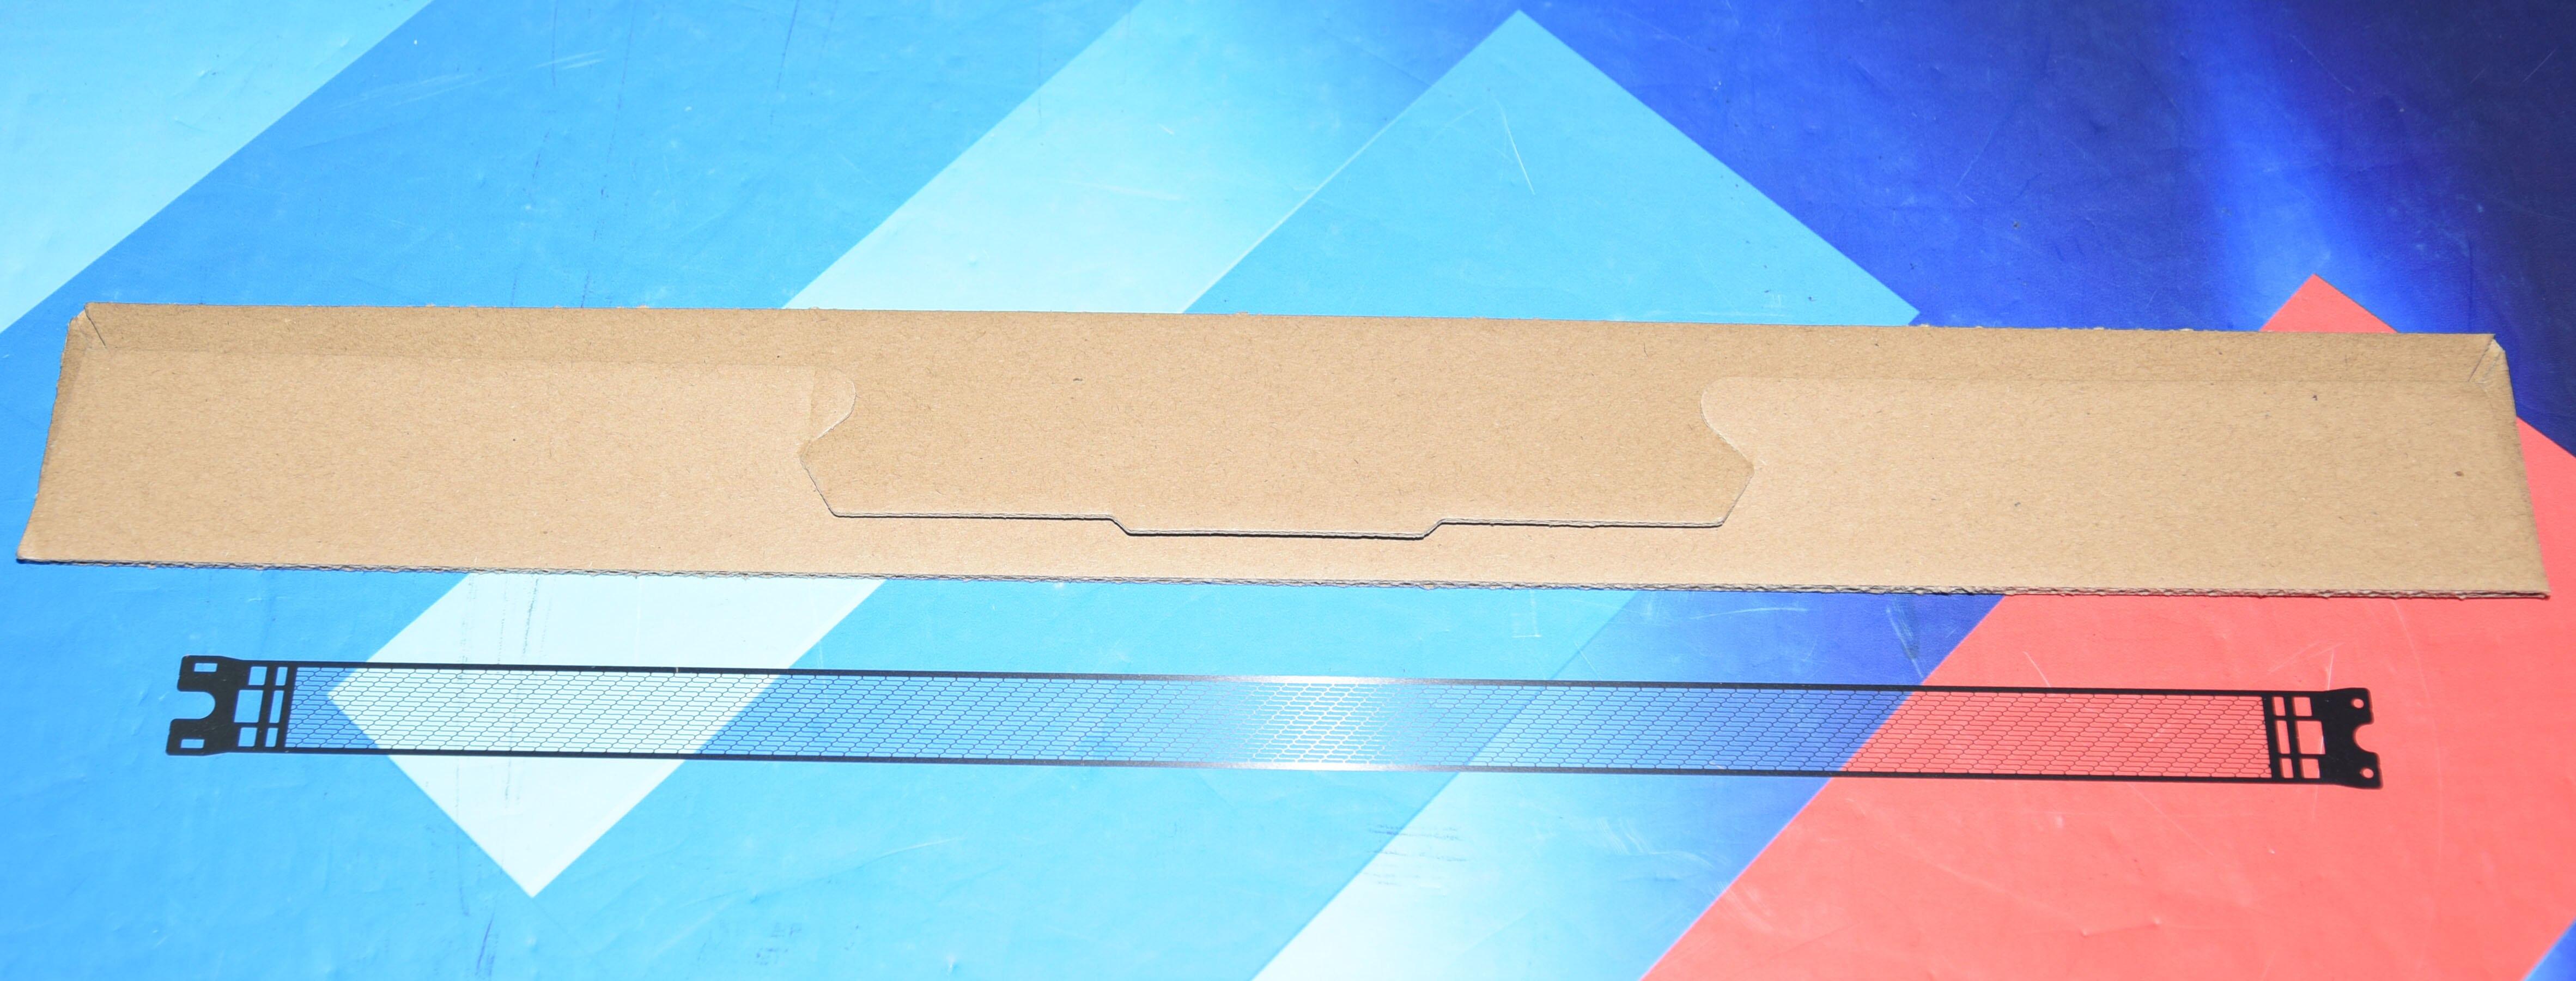 Grille Corona de Charge de copieur de 5 pièces Compatible pour Konica Minolta Bizhub C6500 C5501 C7000 C6501 C6000